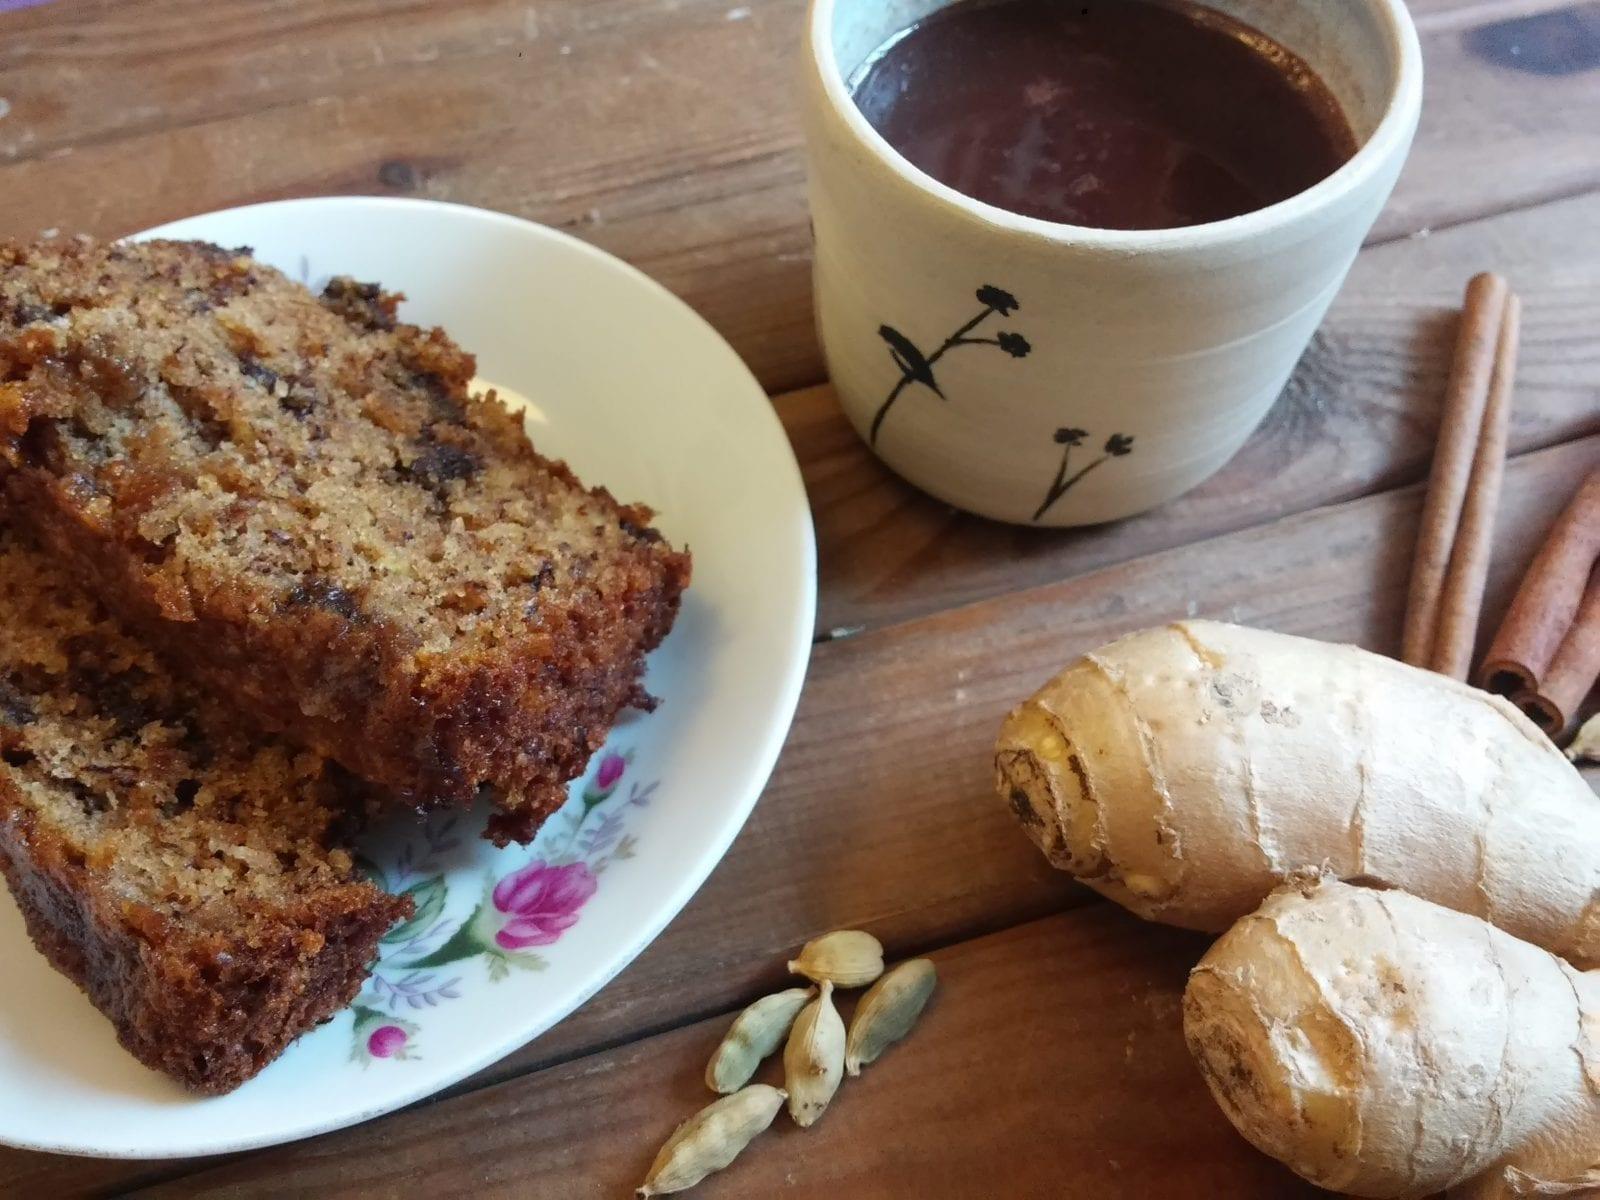 עוגת/מאפינס בננות שוקולד ושוקוצ'אי טבעוני פינוקי חורף